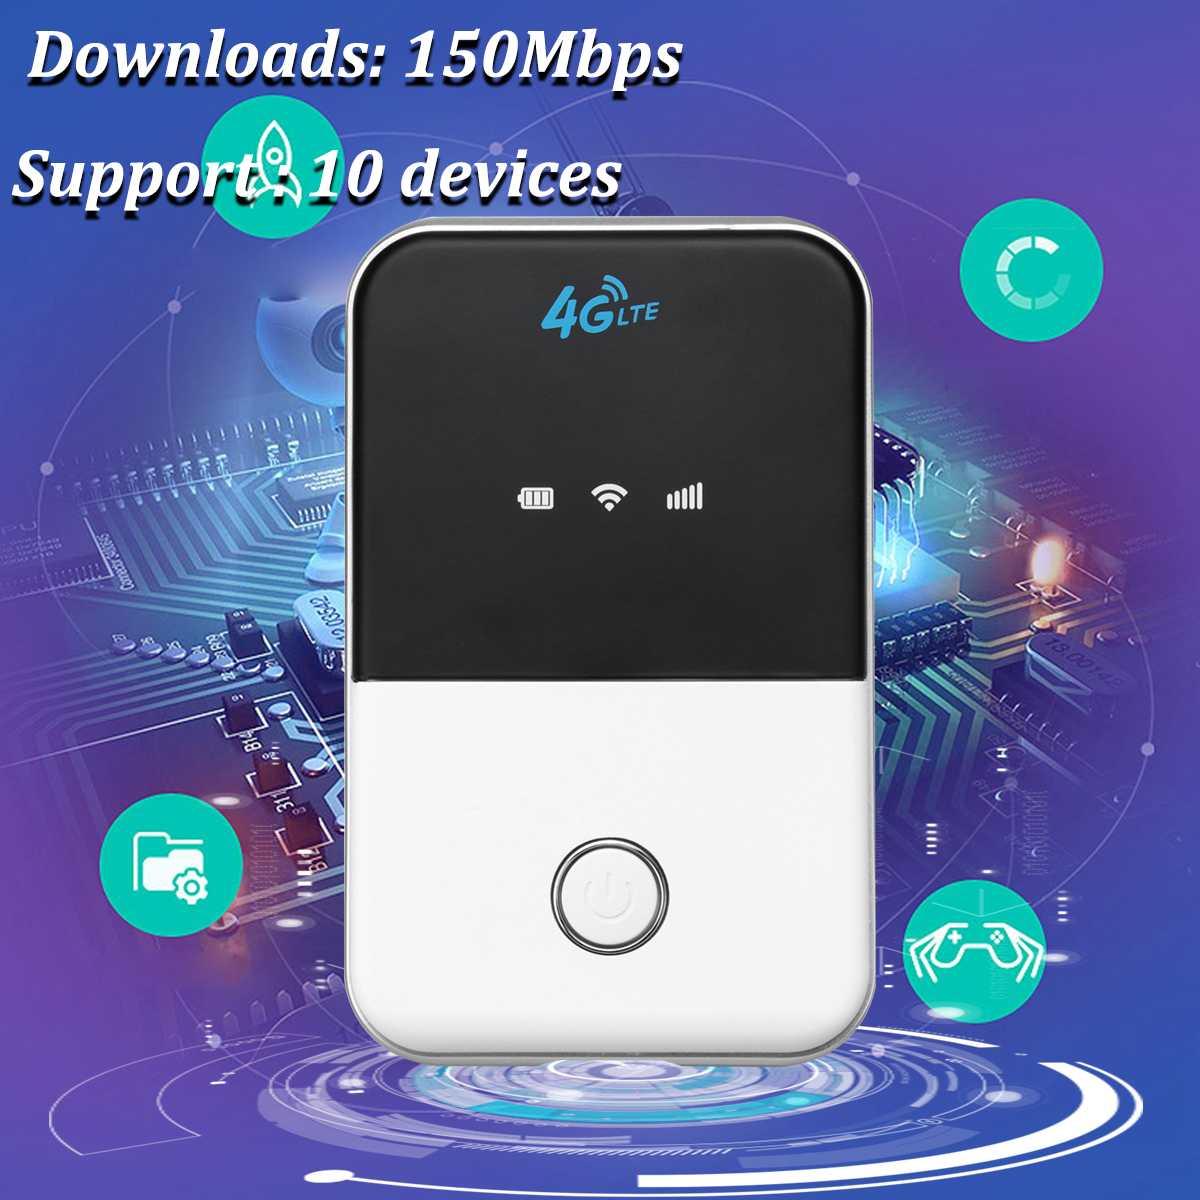 4G LTE Sans Fil routeur wifi mobile Poches Extérieure Hotspot Modem Haut Débit MF903 4 Mode/MF905 5 Mode